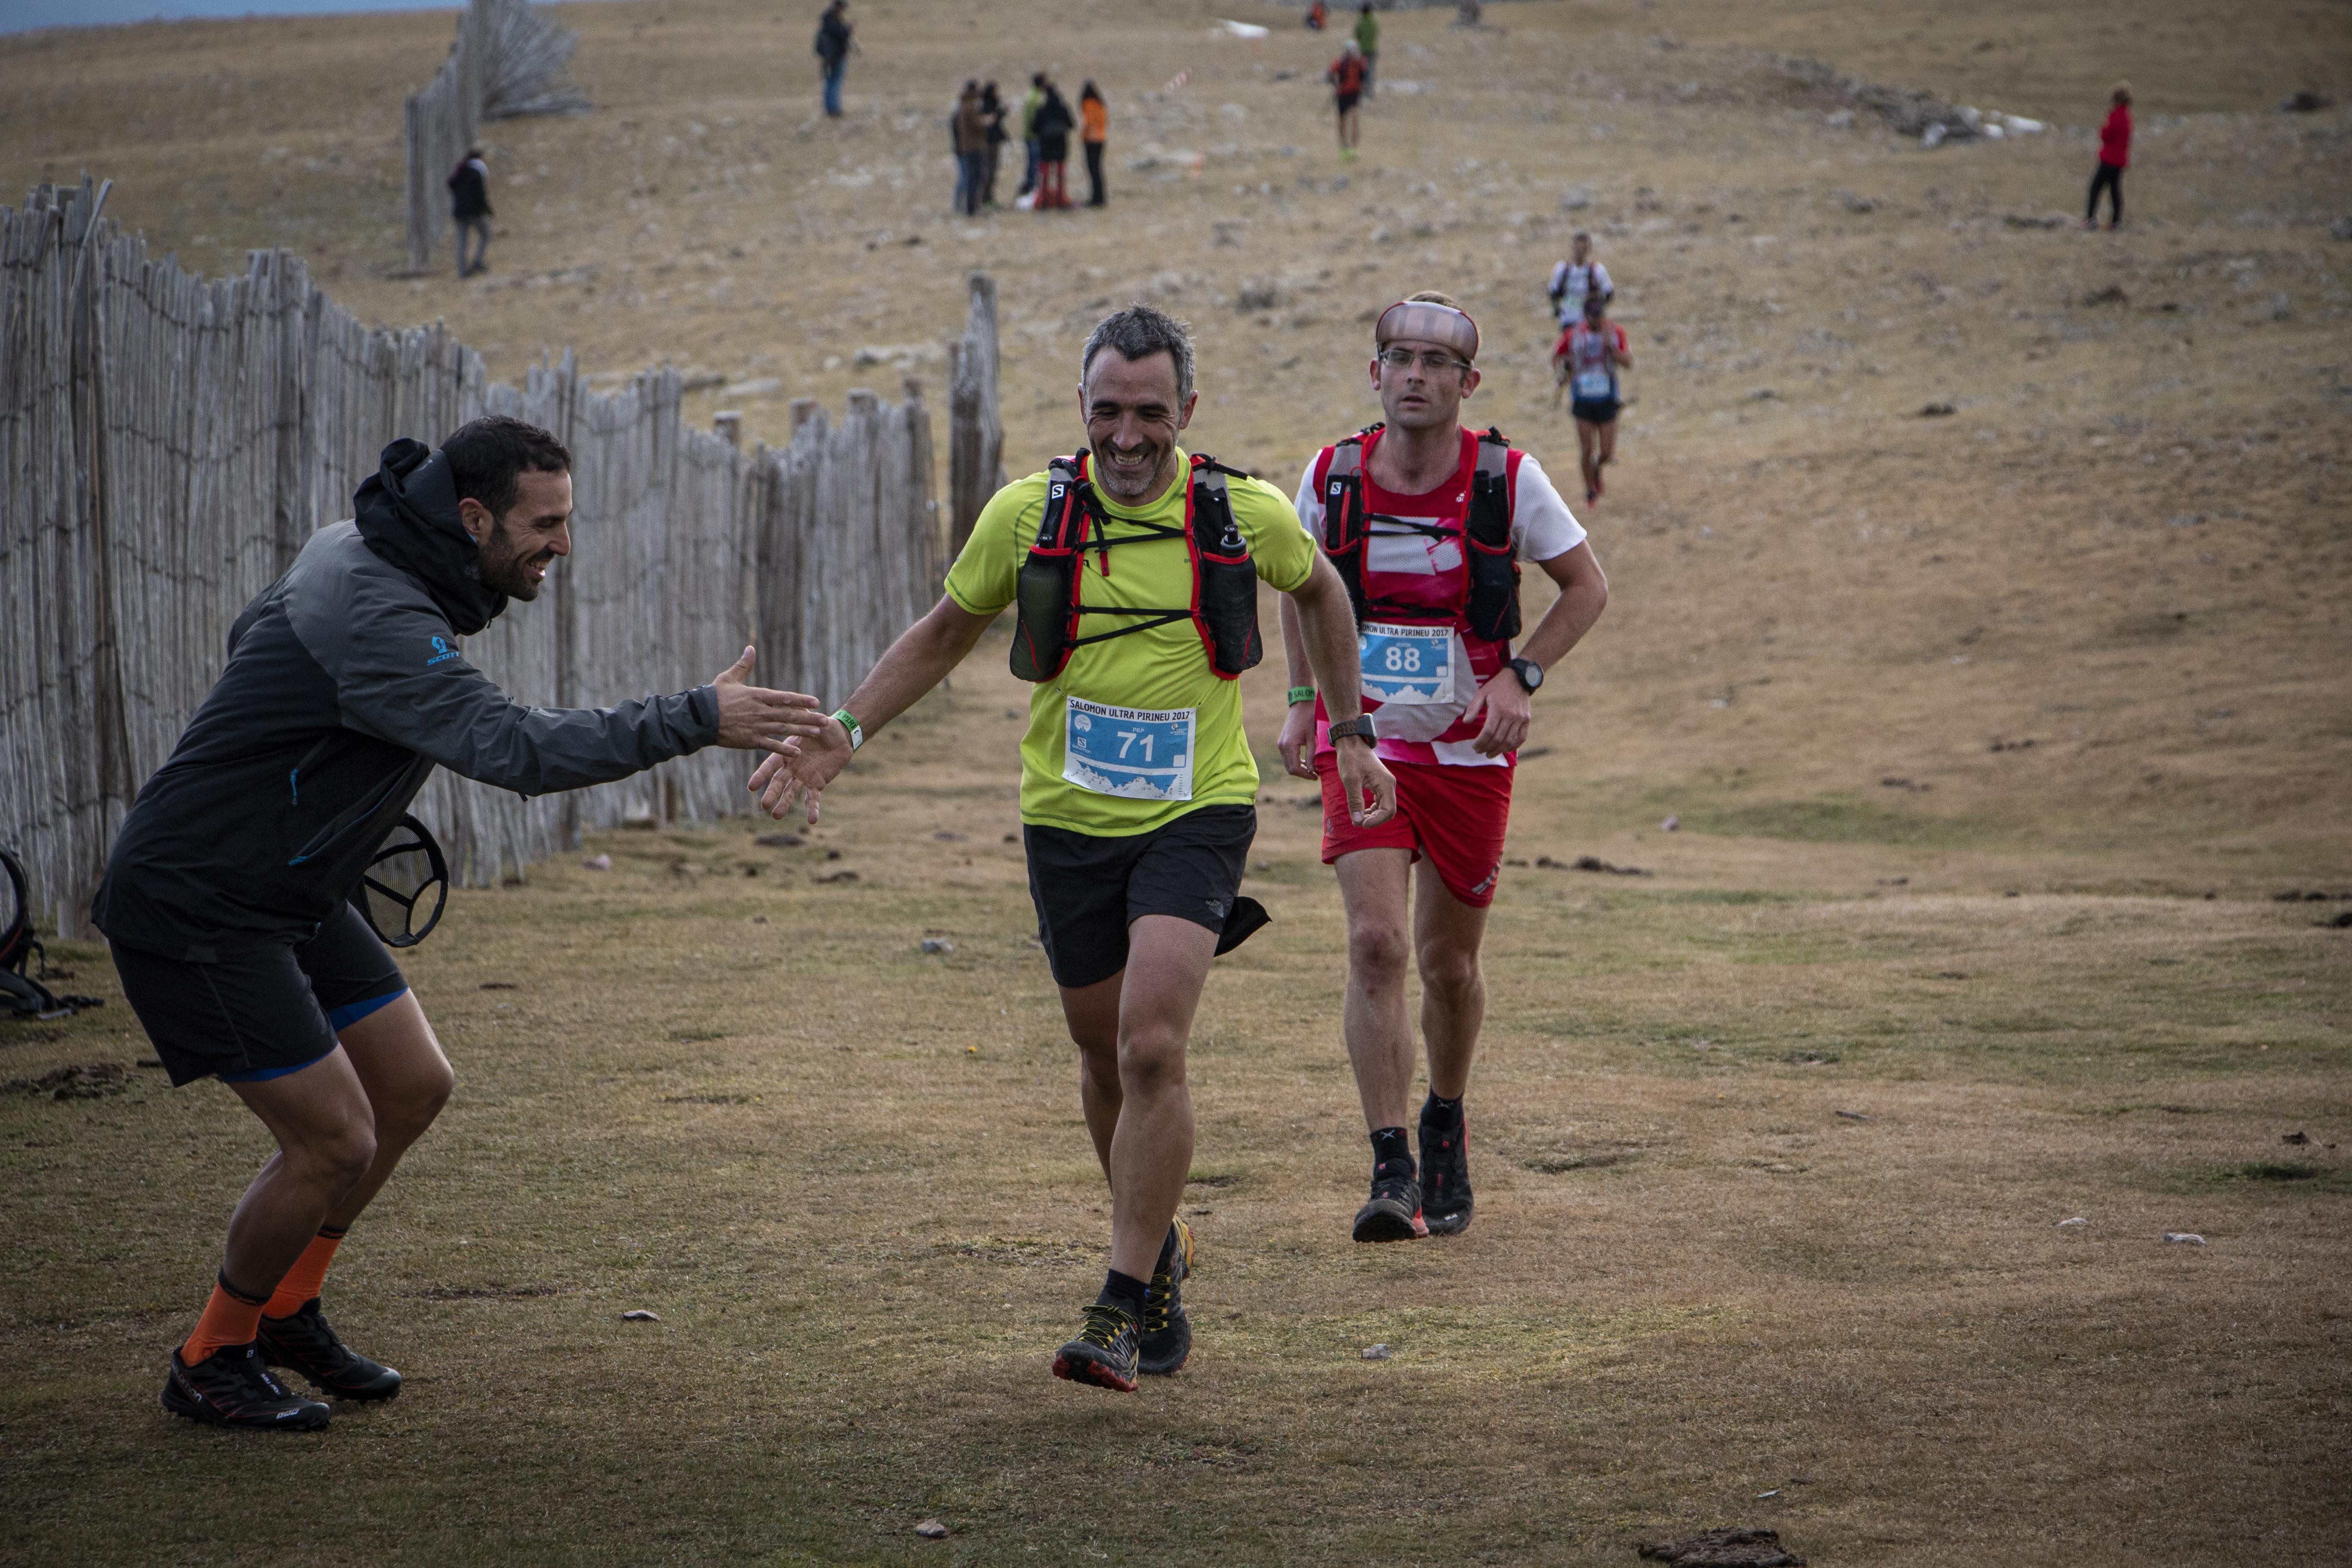 Ultra Pirineu 4. FOTO: Anna E. Puig